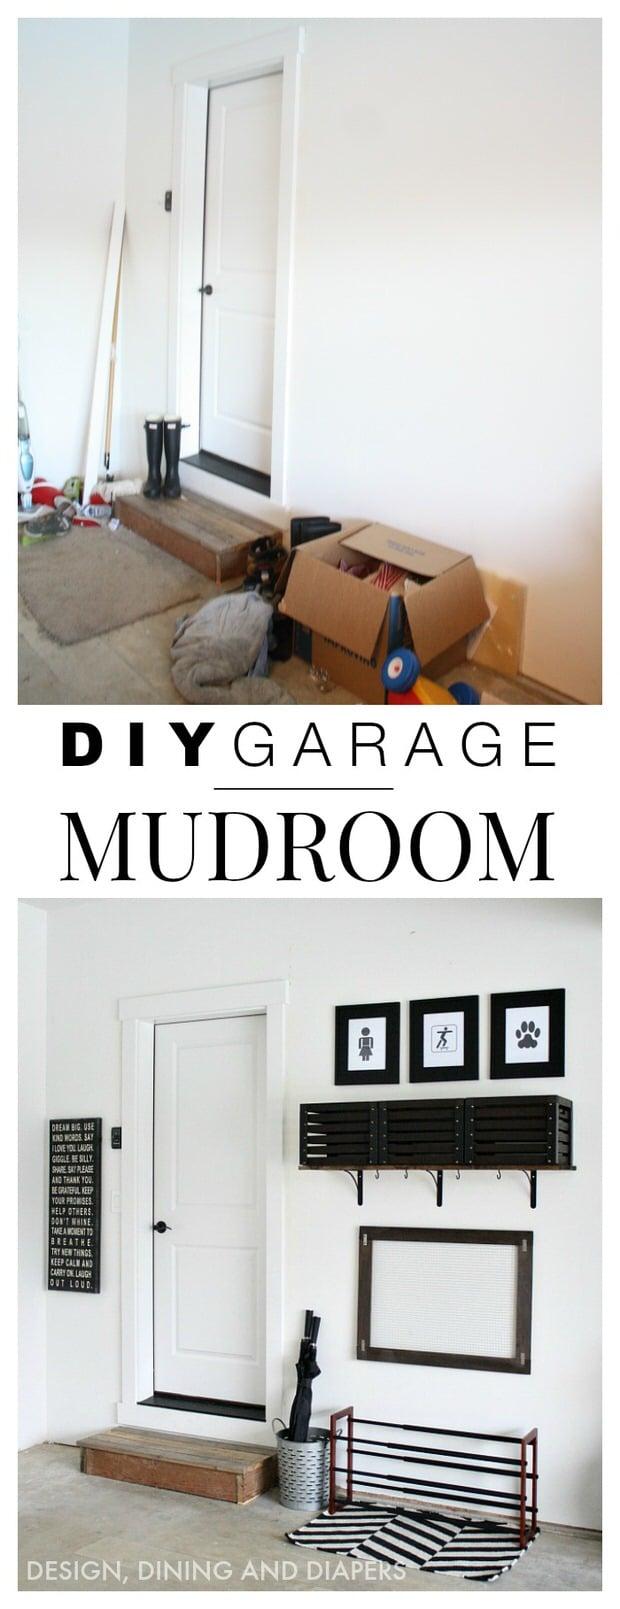 DIY-Garage-Mudroom-